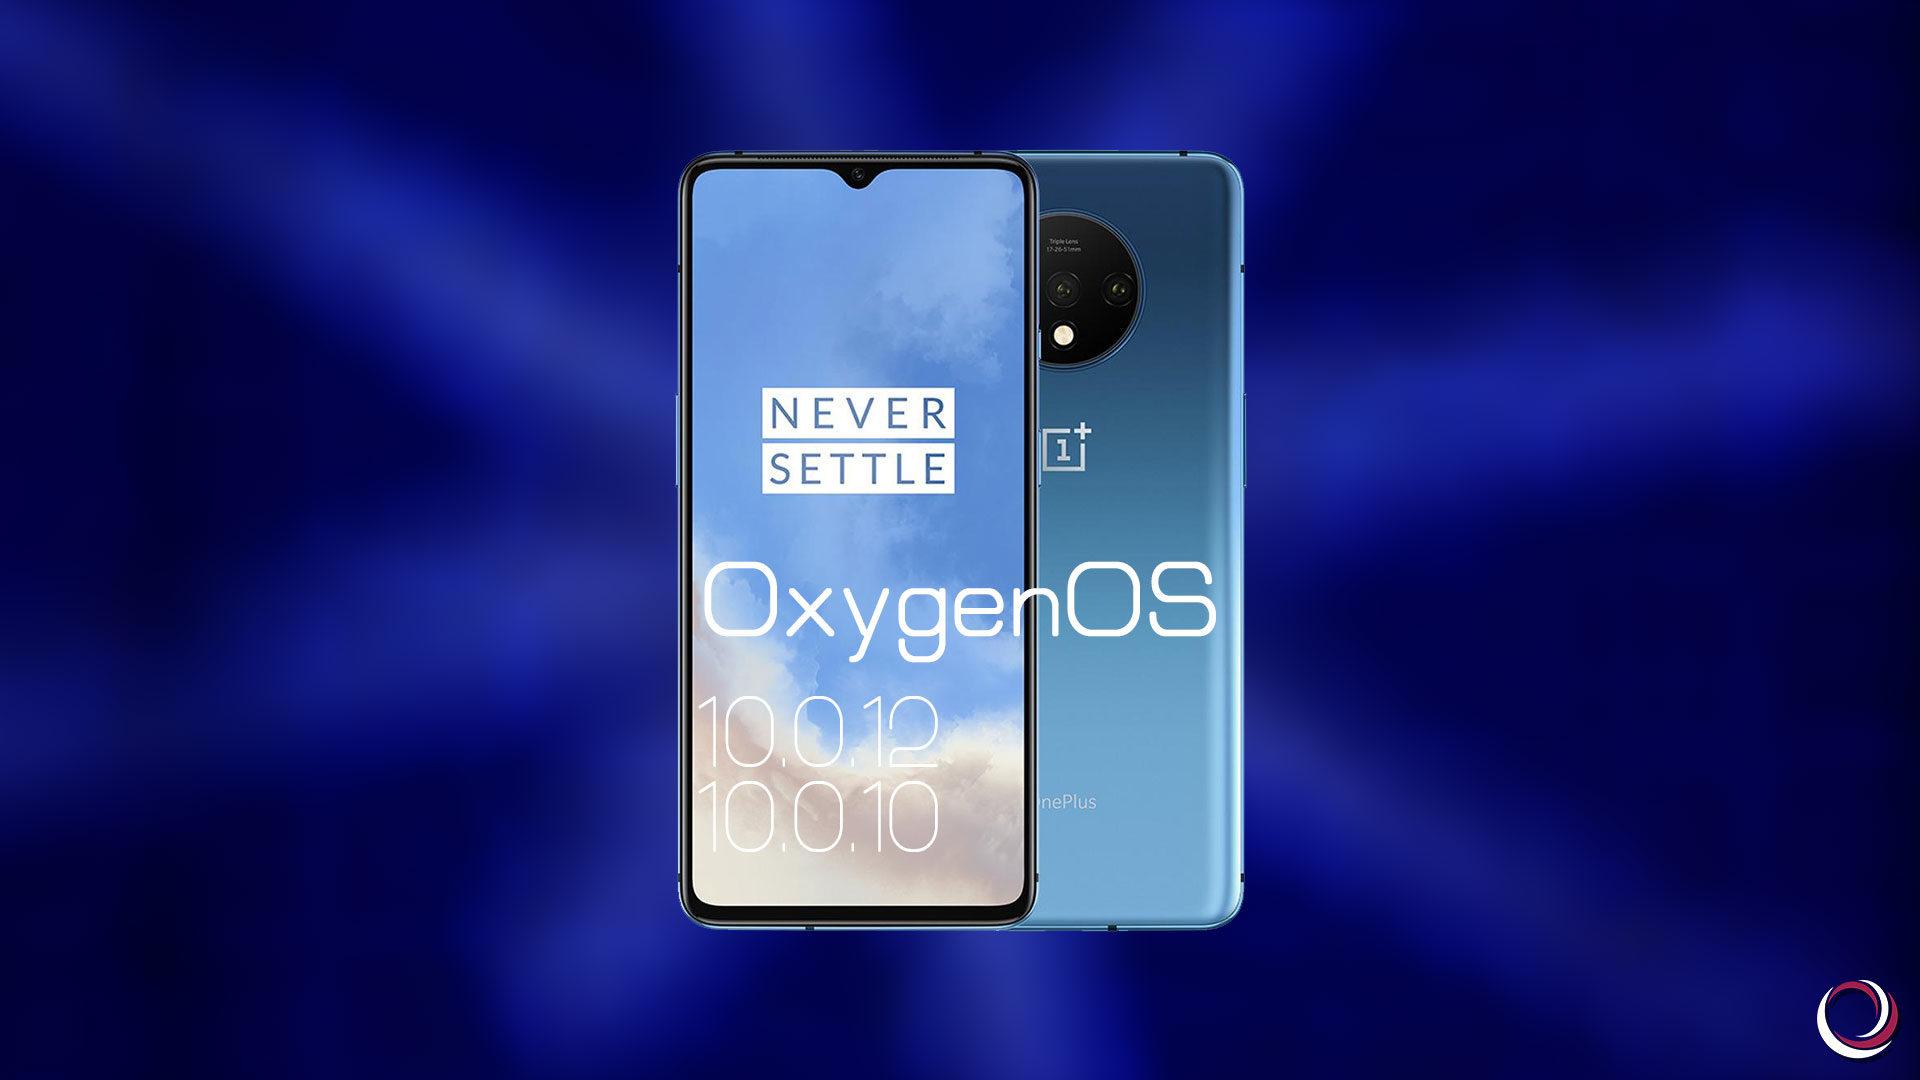 「OnePlus 7T/7TPro」向けに時計スタイルの追加や画面起動の不具合を修正する「OxygenOS 10.0.12/10.0.10」がリリース